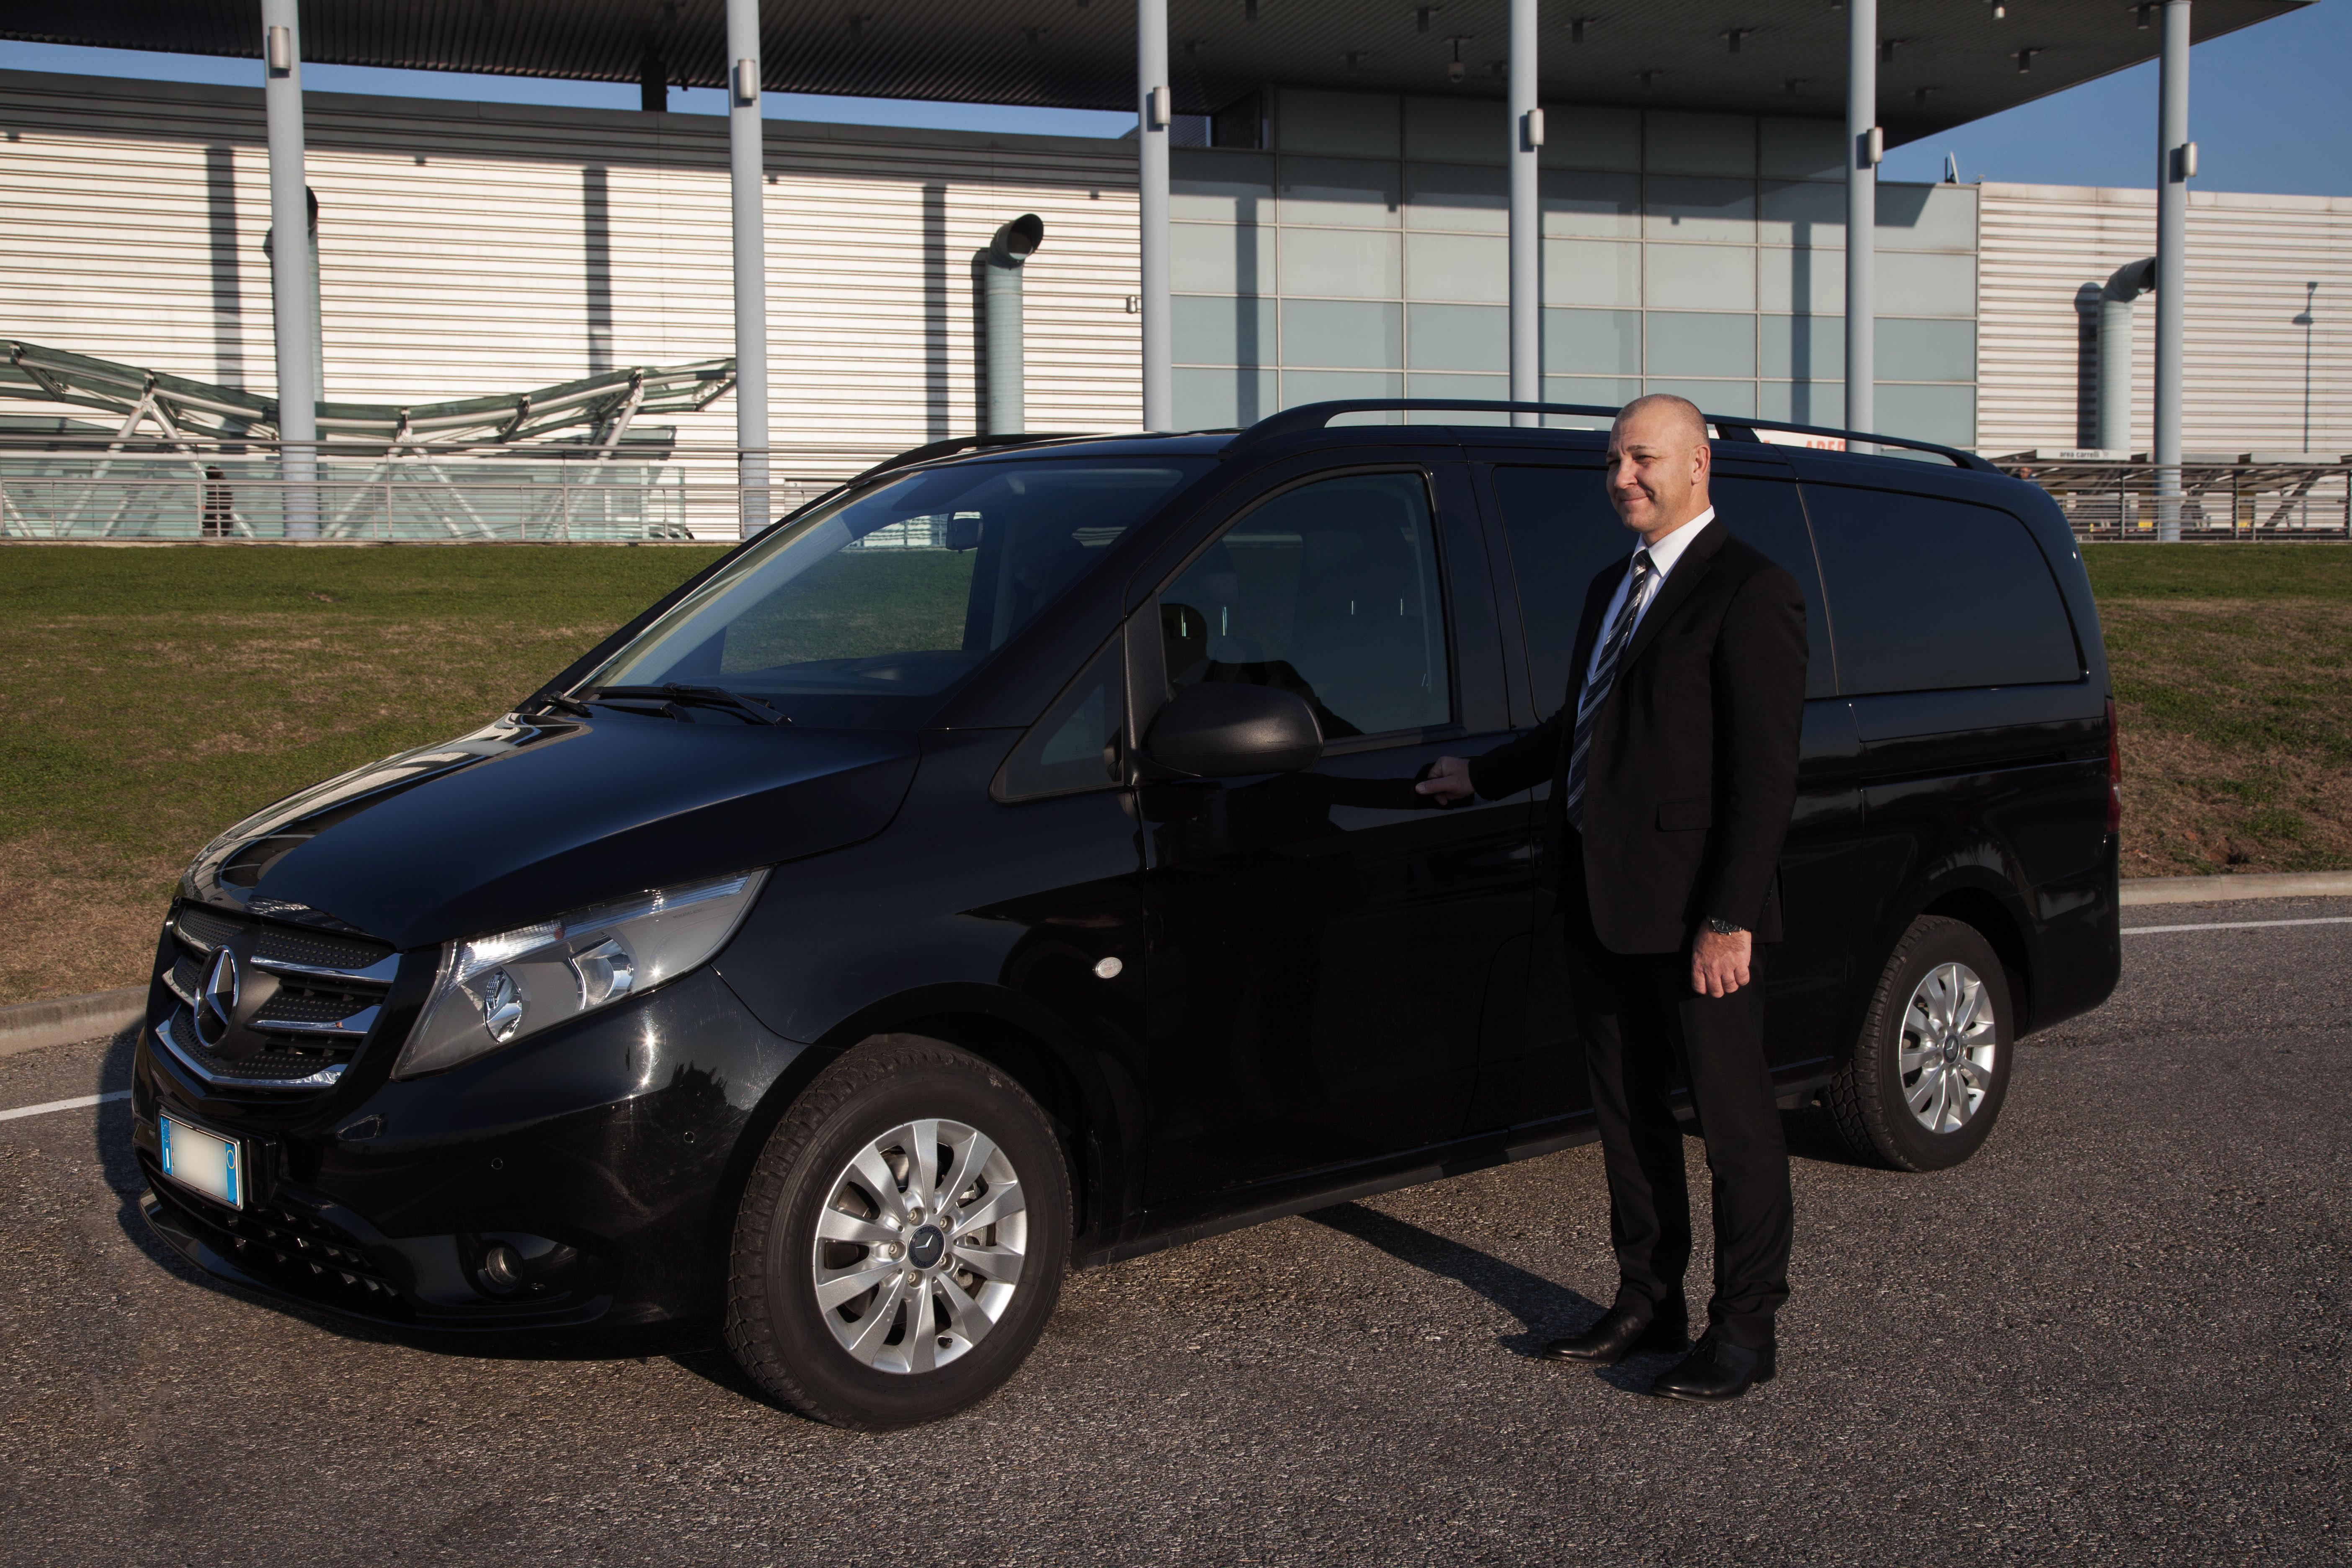 Alessandro Ruzzi offre servizi professionali di Noleggio Con Conducente.